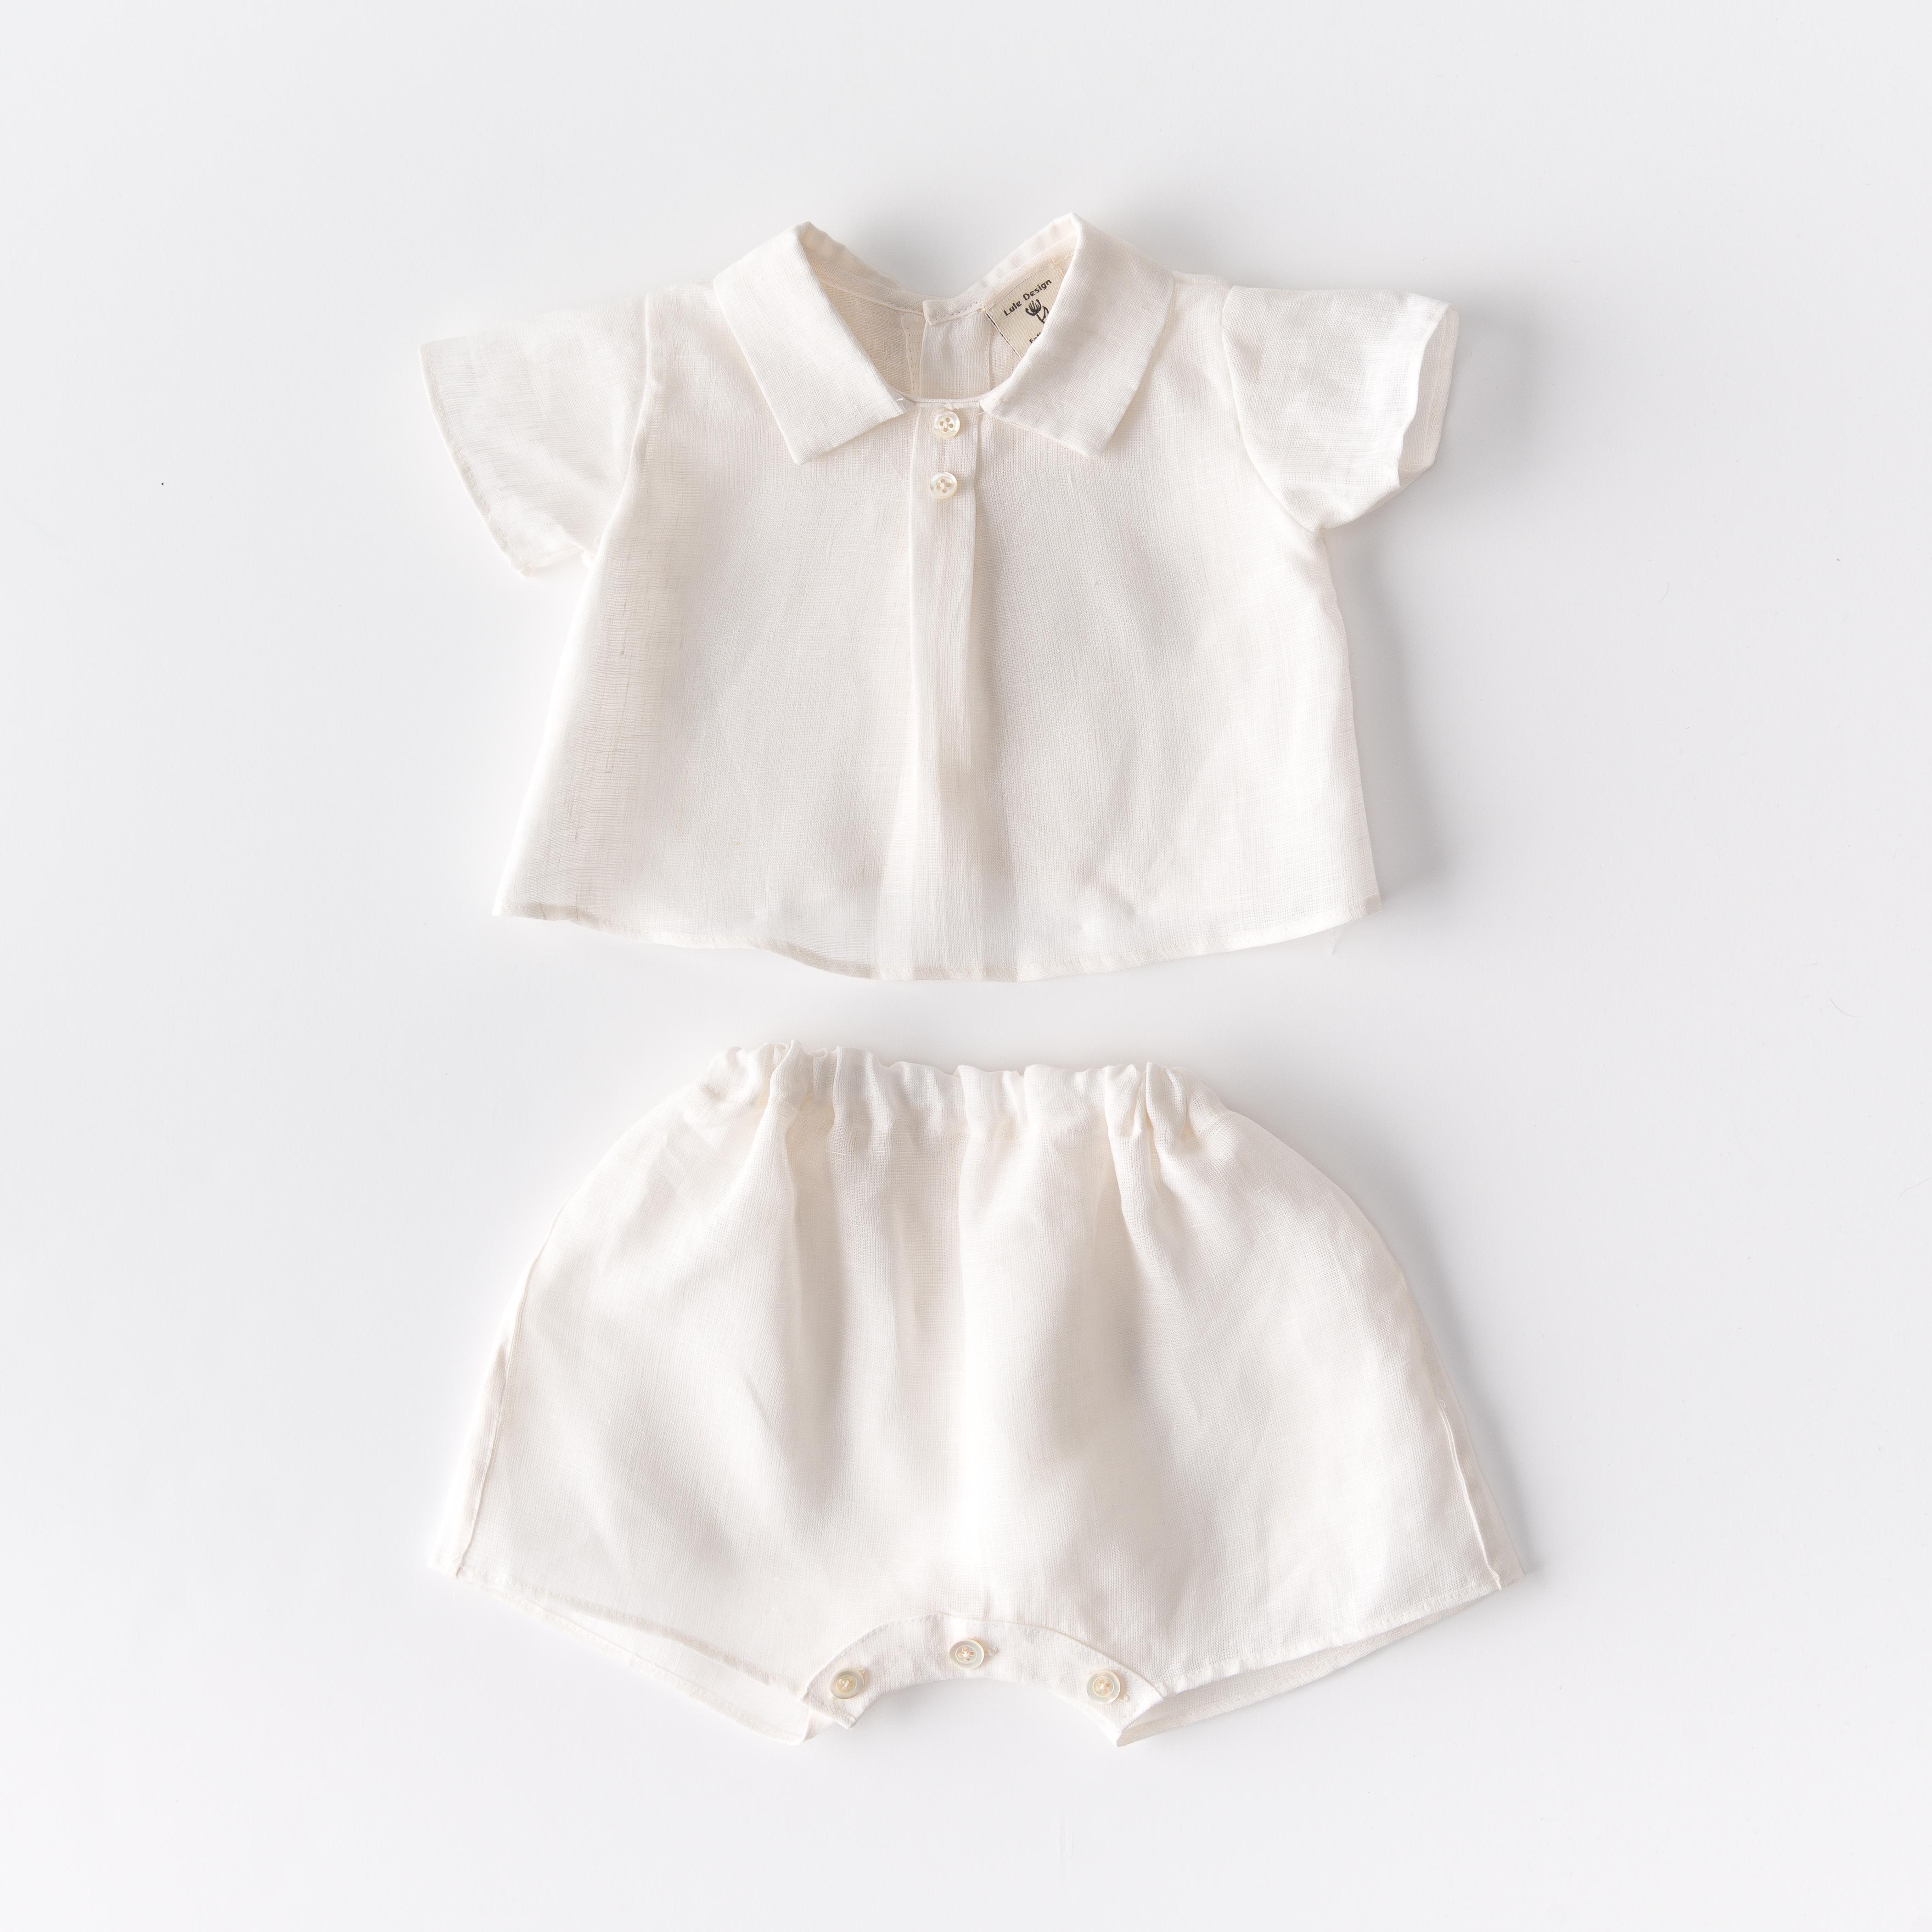 Completo Camicino e pantaloncino neonato in lino biologico con bottoni in madreperla